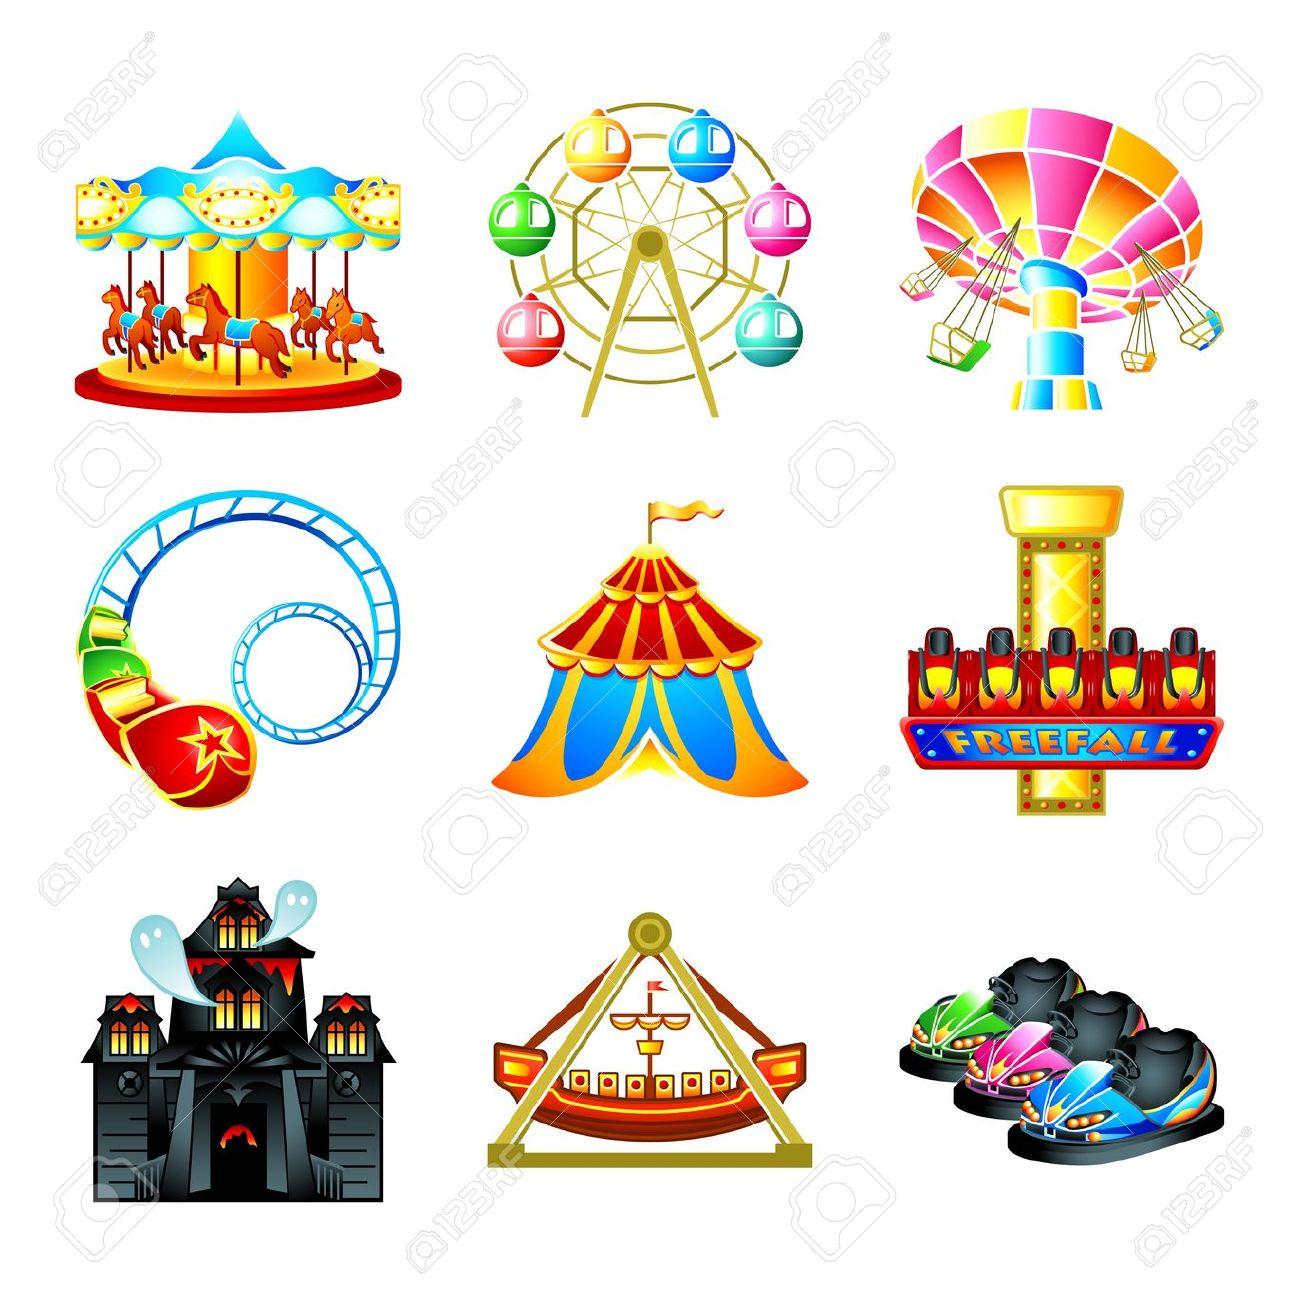 Theme Park Rides Clipart